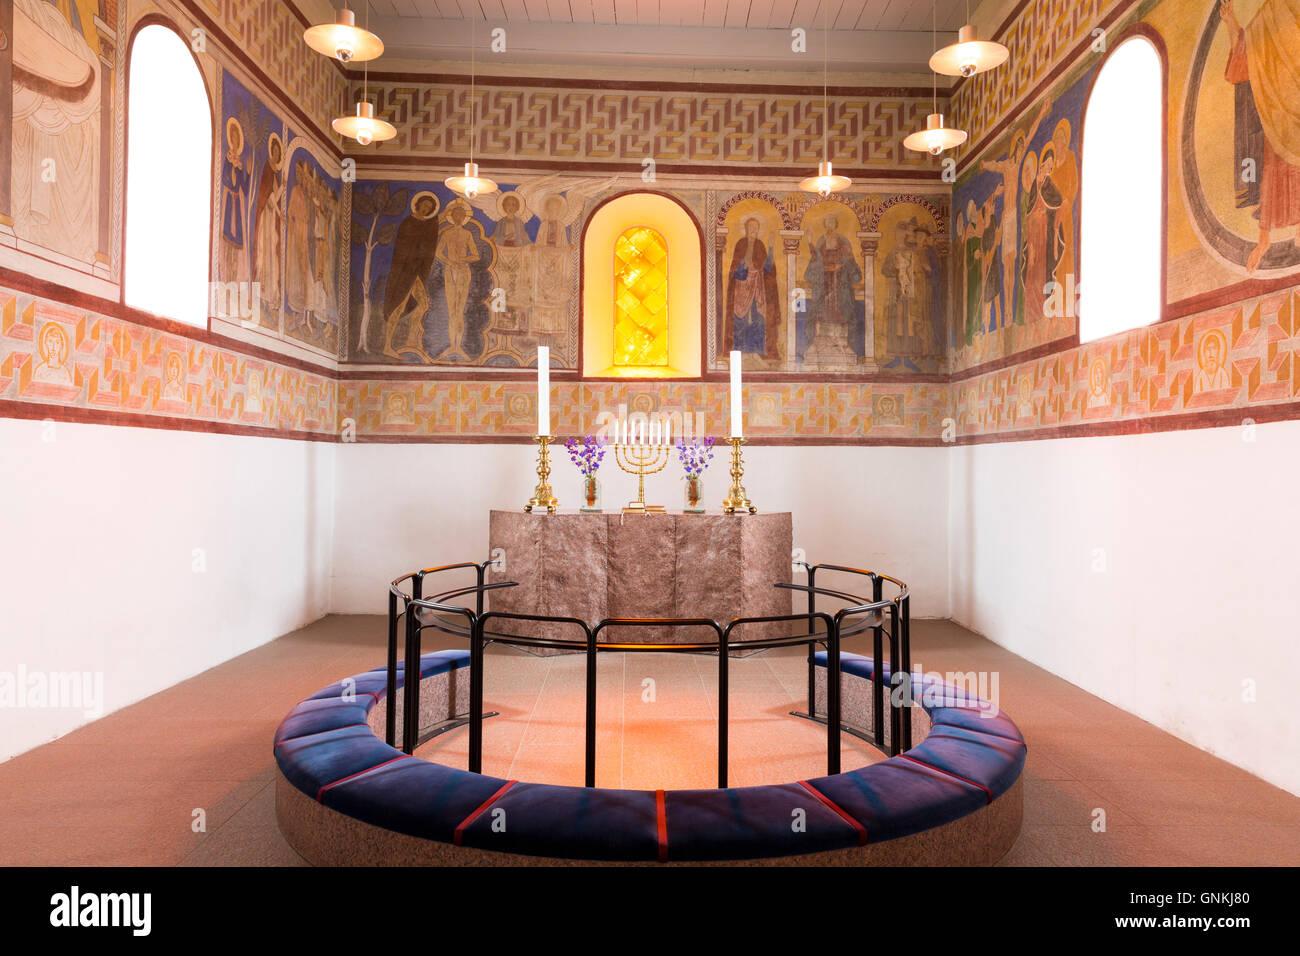 Altare a Jelling Kirke (Gudstjeneste) famosa architettura moderna chiesa culla del cristianesimo in Danimarca Immagini Stock